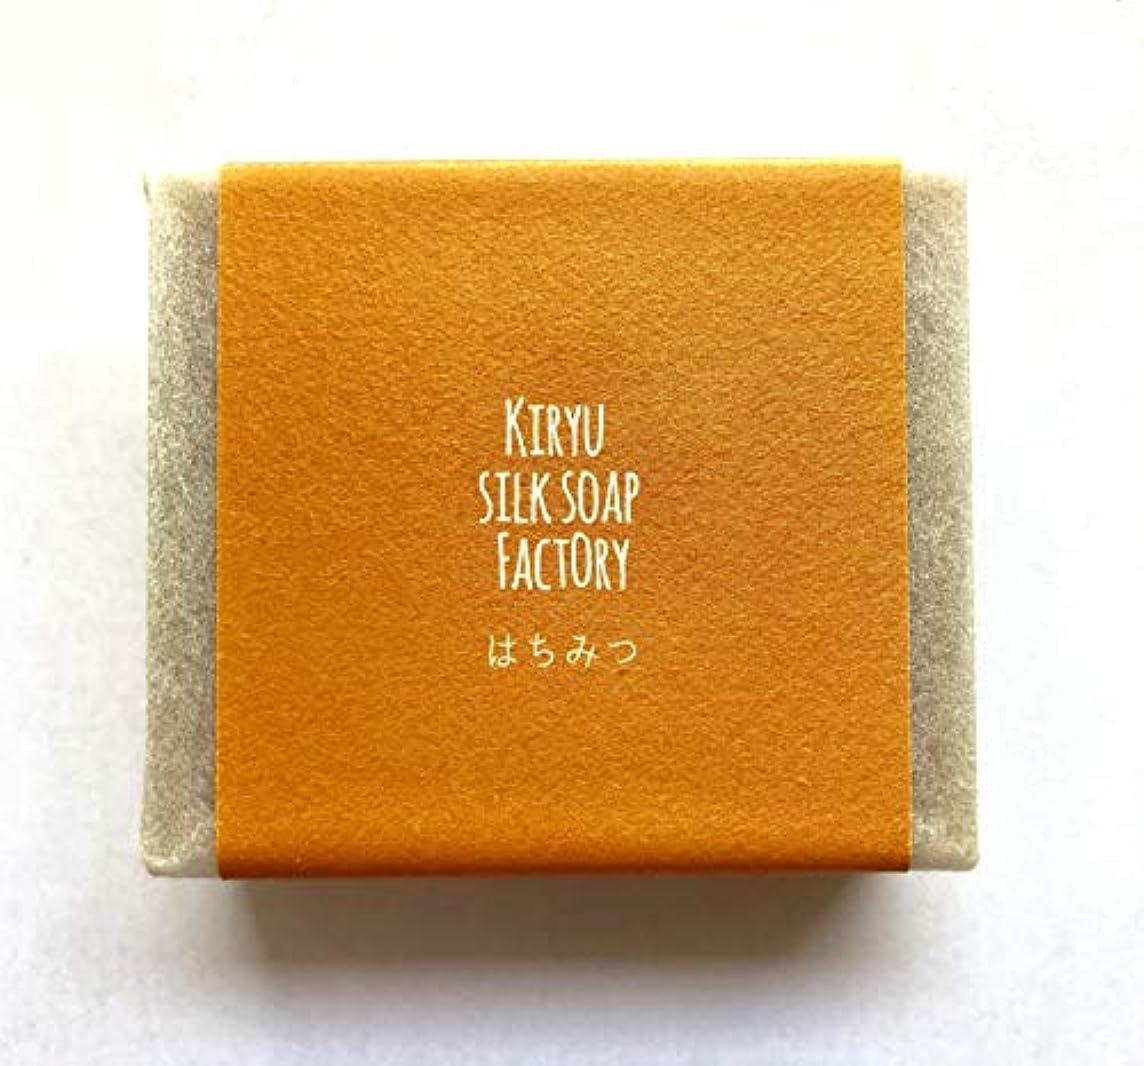 病気だと思う半ば洗練桐生絹せっけん工房 なま絹手練り石けん (無添加 コールドプロセス製法) (はちみつ, 90g)